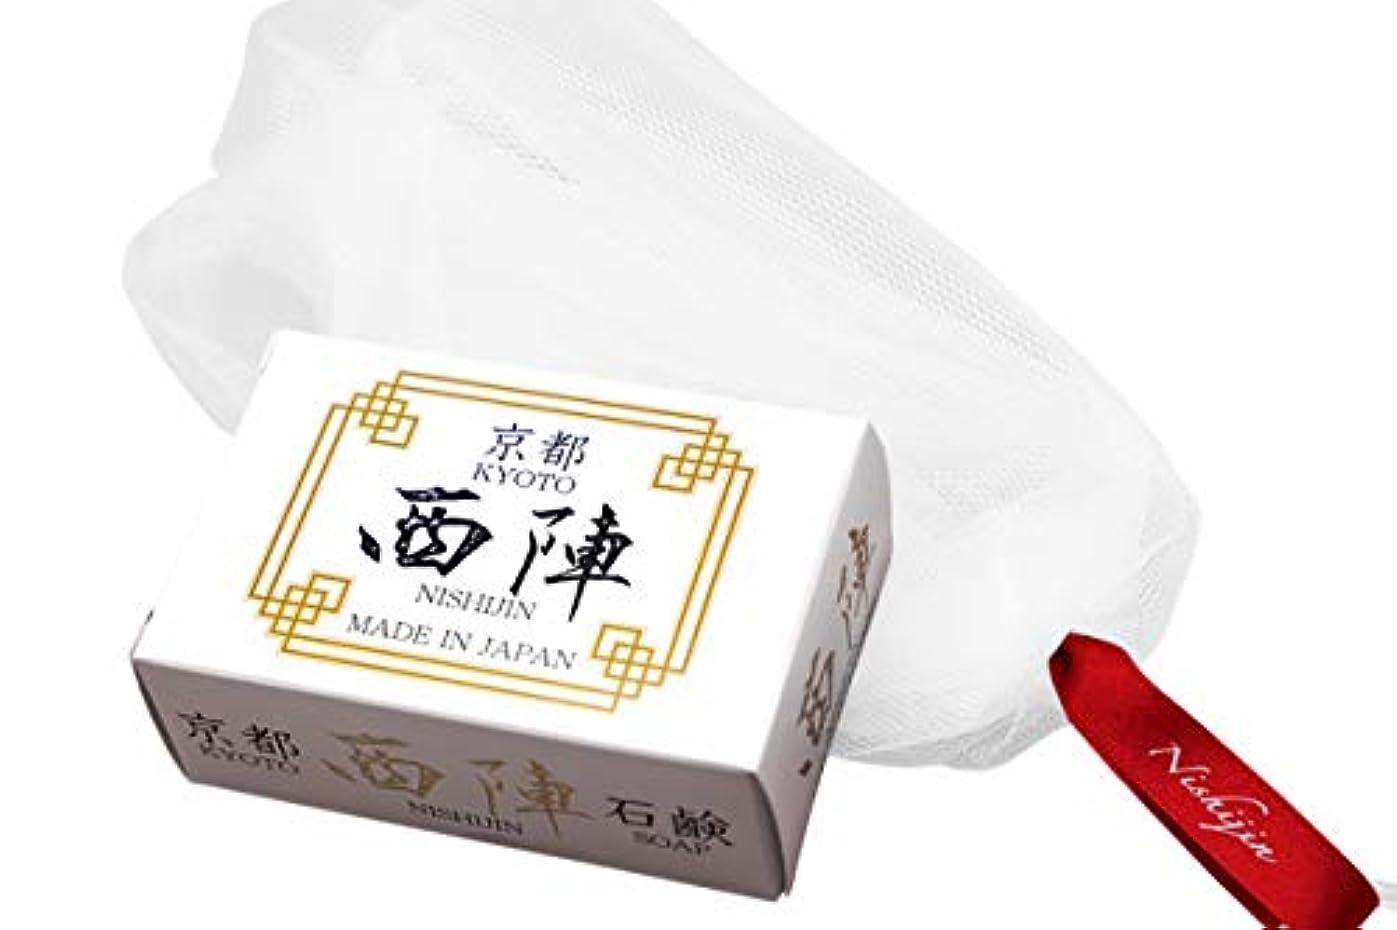 毎年必需品包括的京都 創業120年の白山湯監修 洗顔用石鹸『黒門一条』?石鹸用泡立てネット『綾部』の美肌スキンケアセット